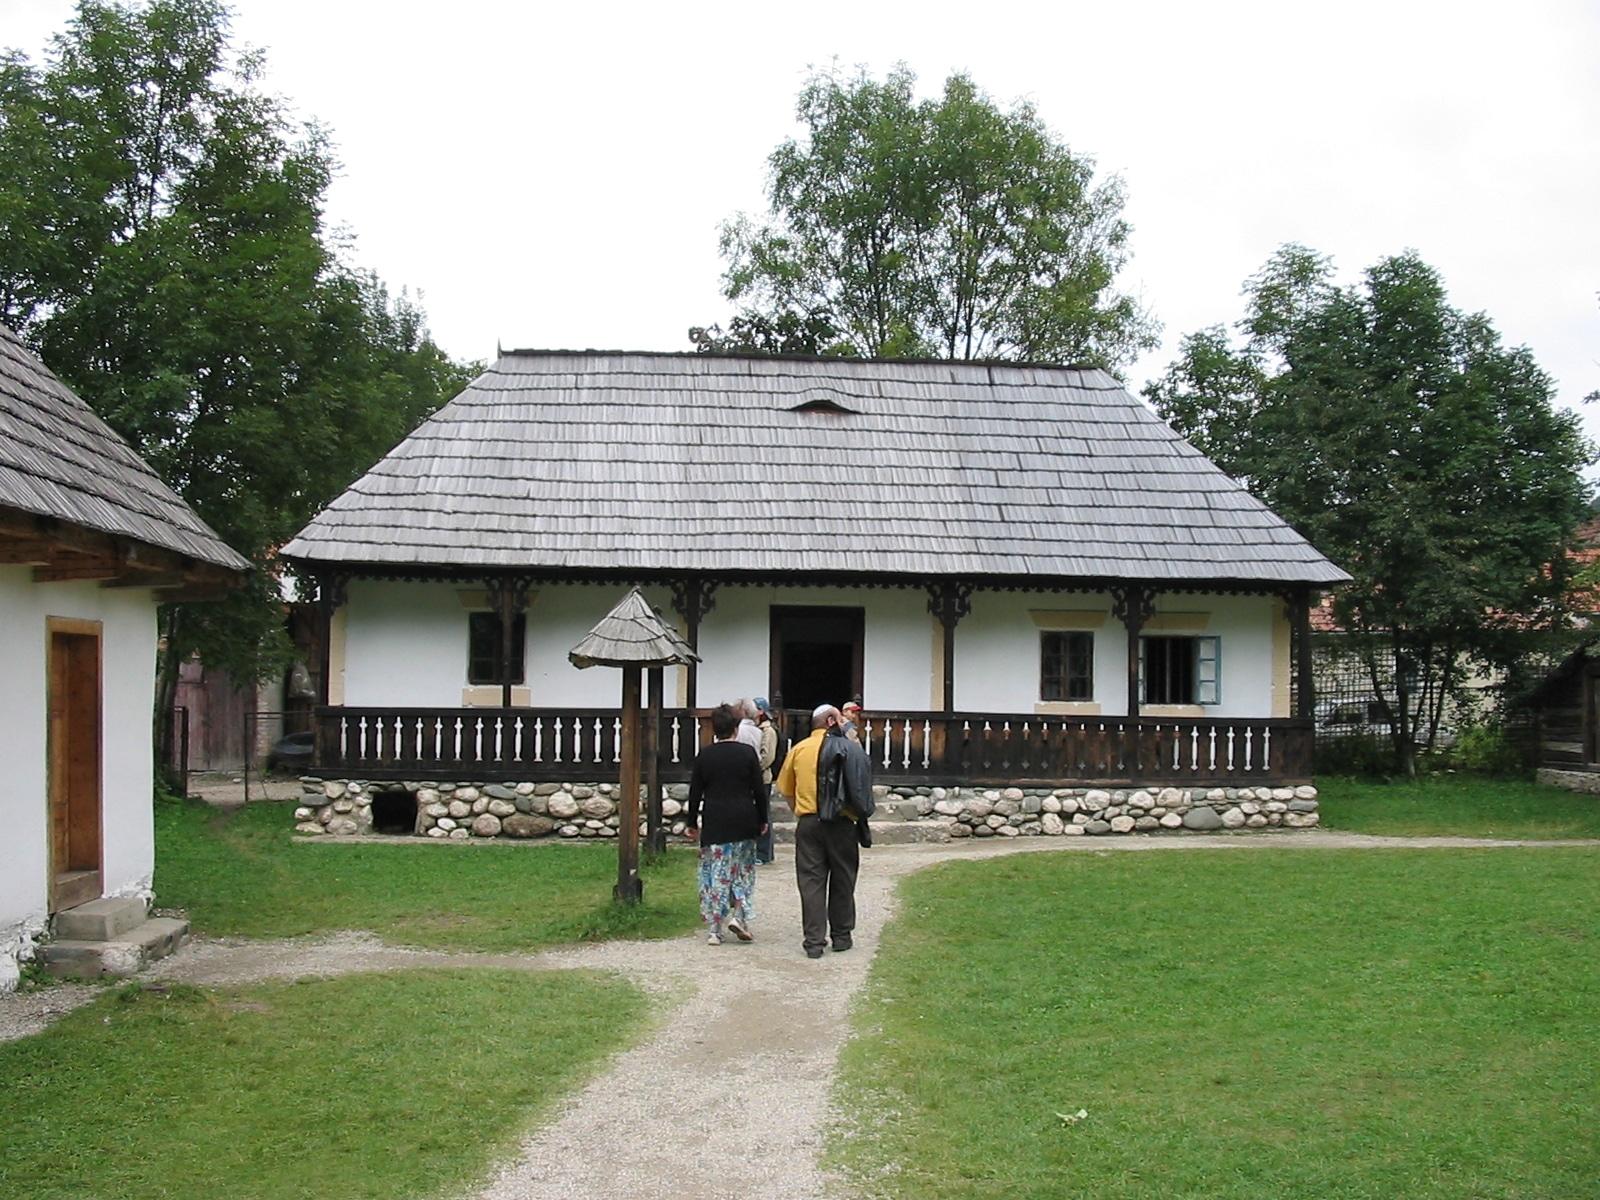 Muzeul Satului de lângă Castelul Bran